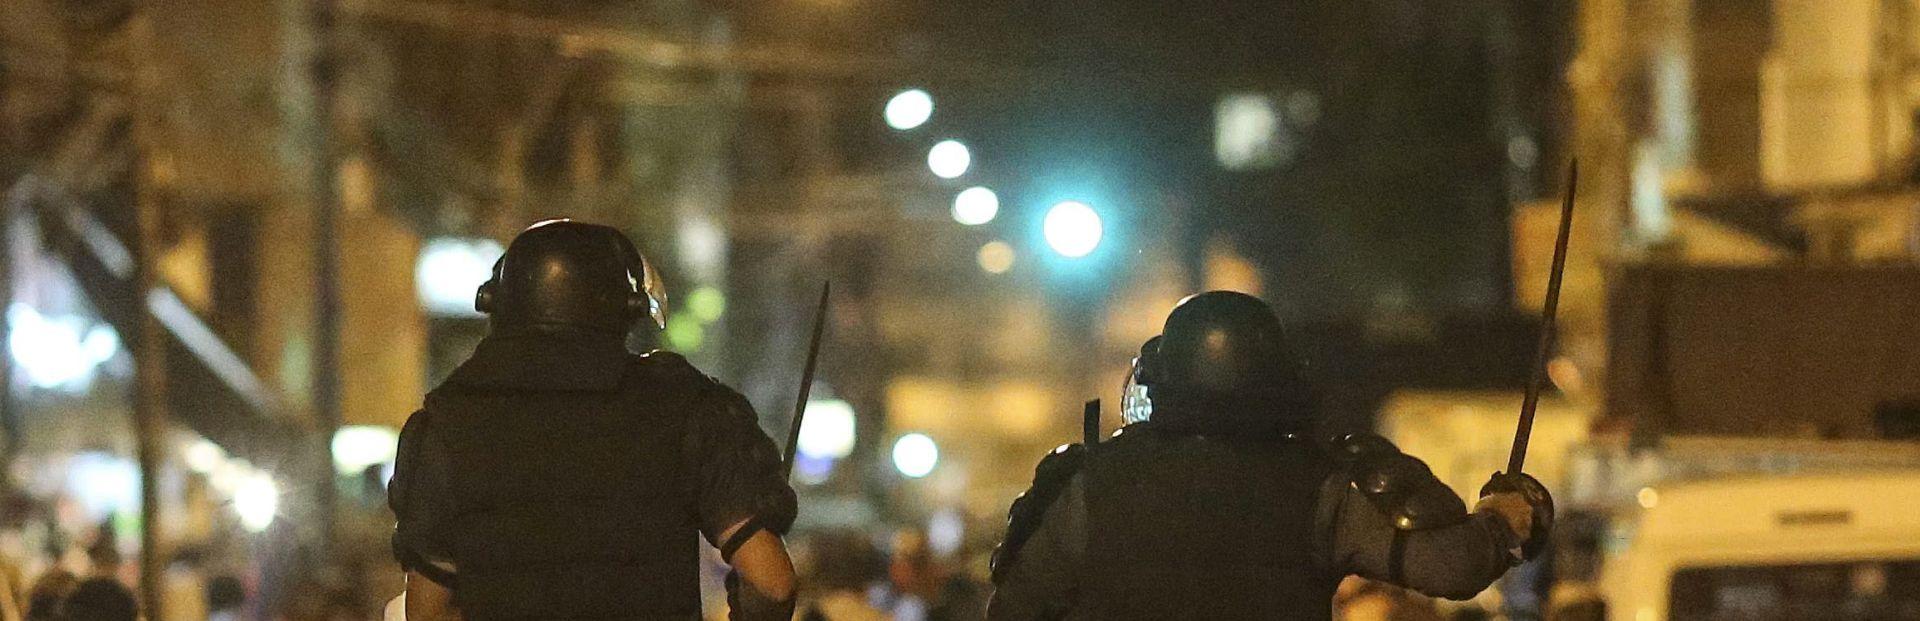 Napadači upali u brazilski noćni klub, 14 osoba ubijeno